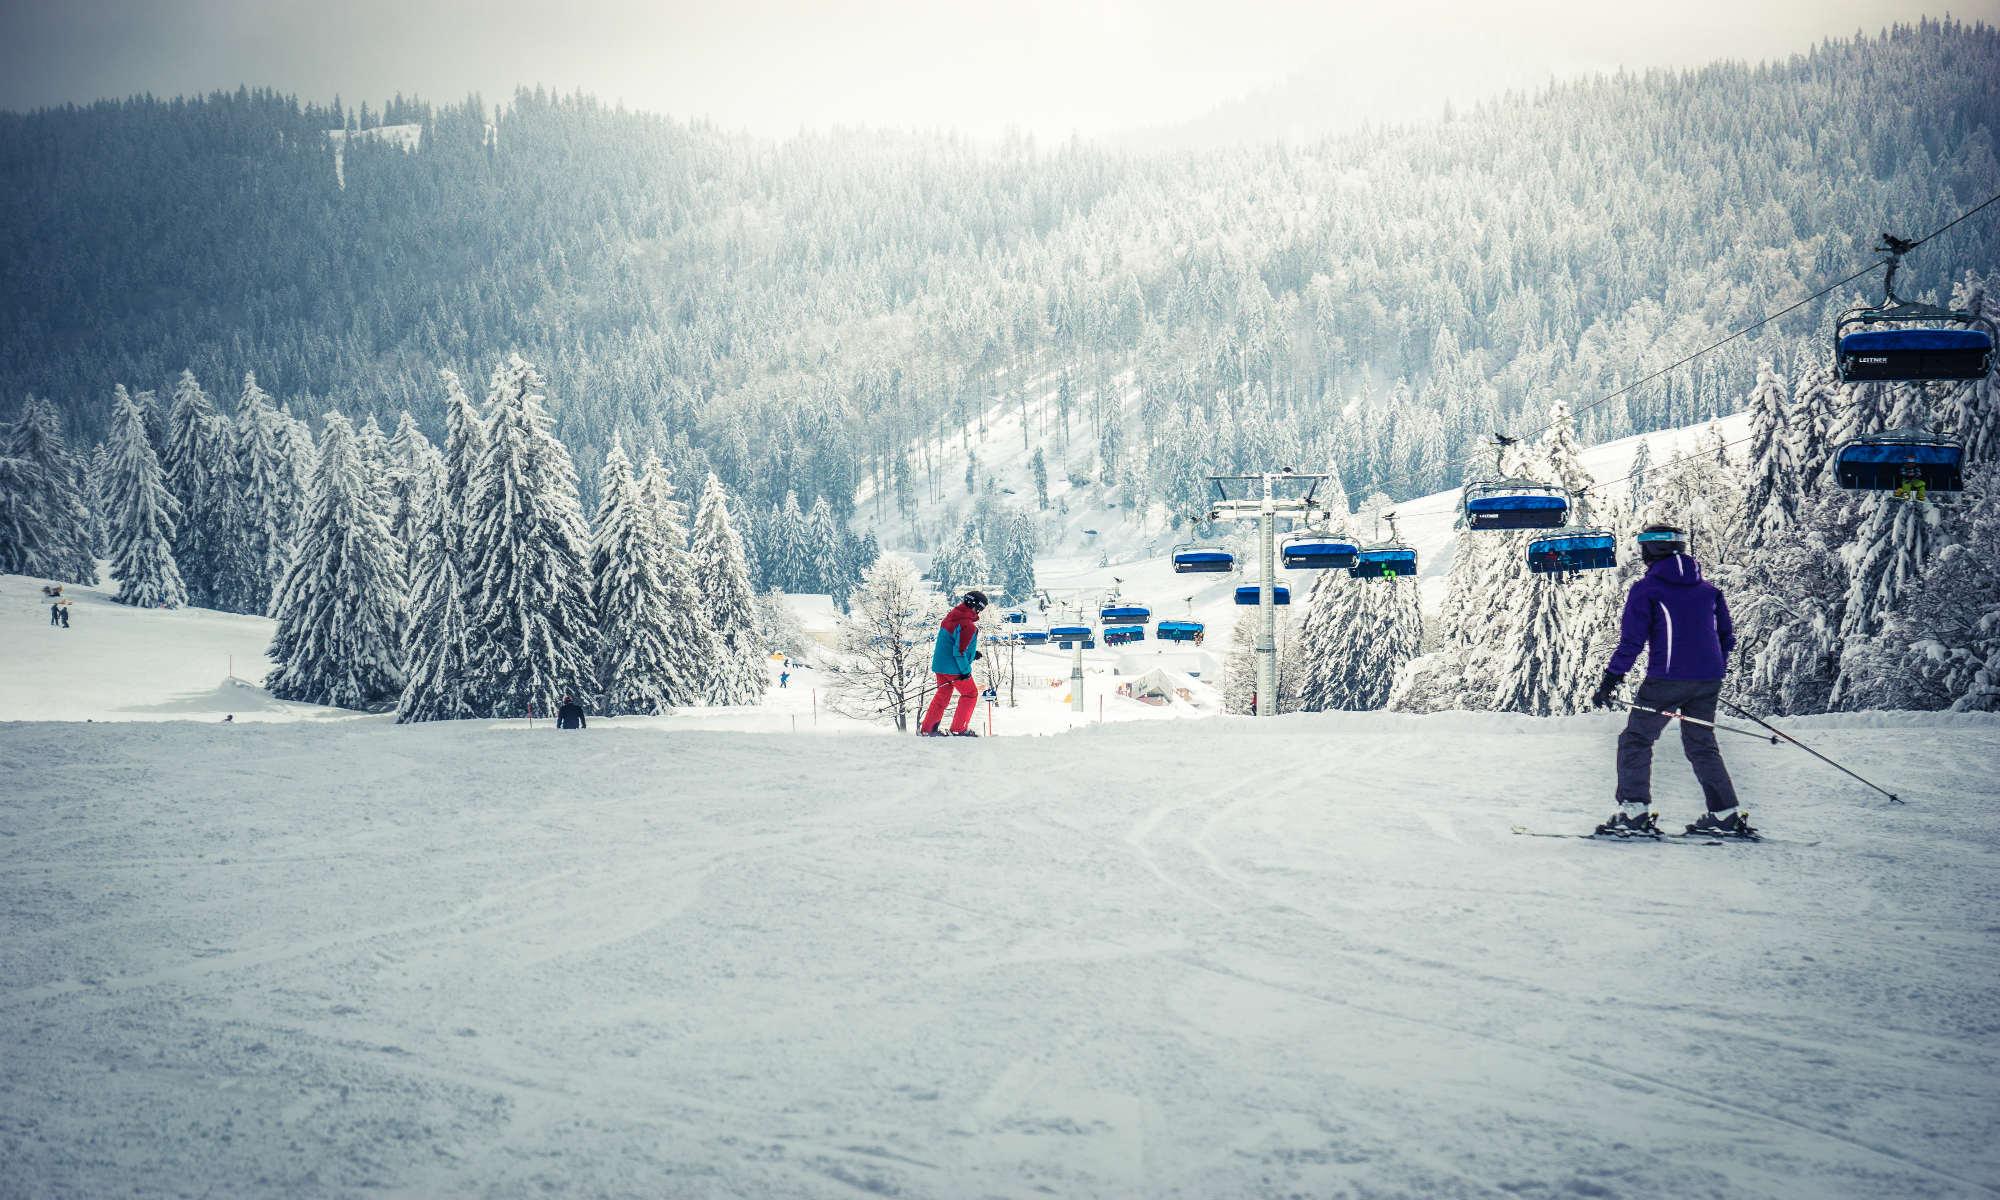 Twee skiërs zijn bezig aan een afdaling in het skigebied van Feldberg.